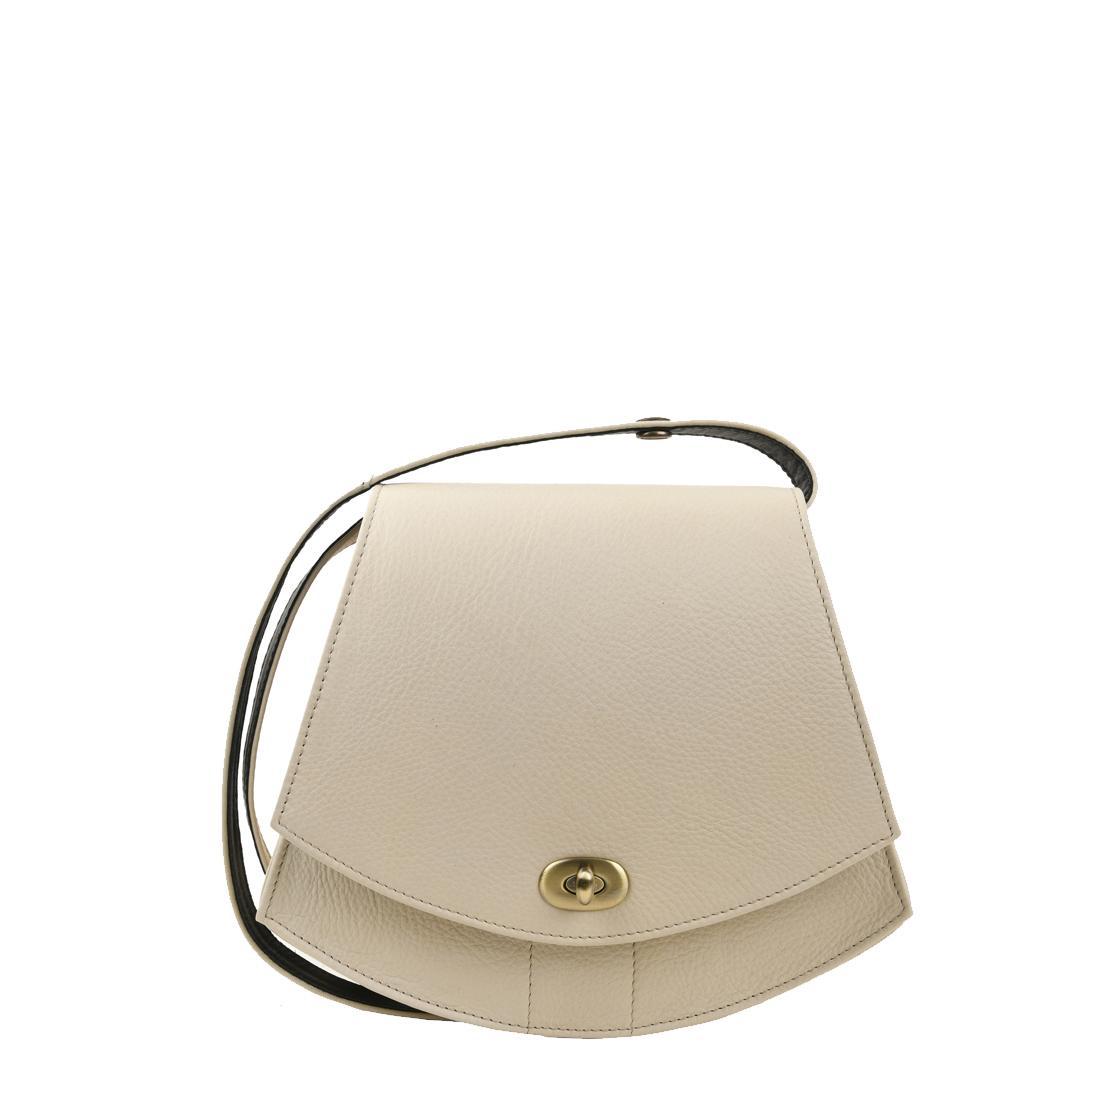 Bonnie Ivory Leather Shoulder Bag